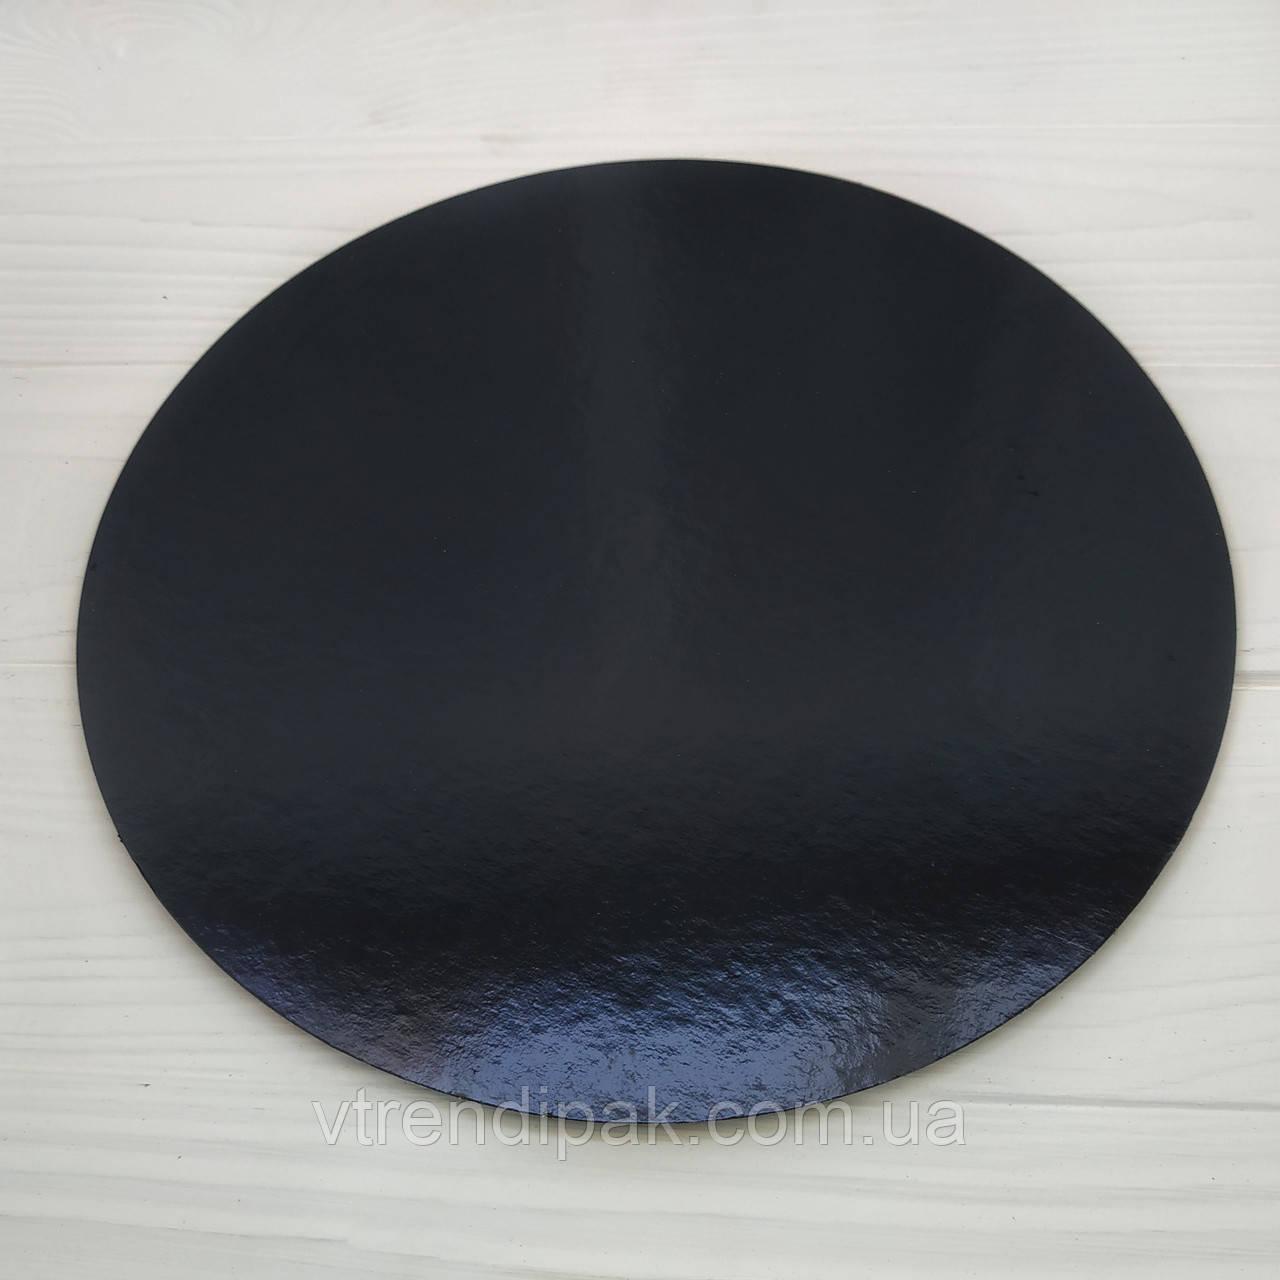 Підложка ламінована чорний-чорний 1.2 мм круг 300мм